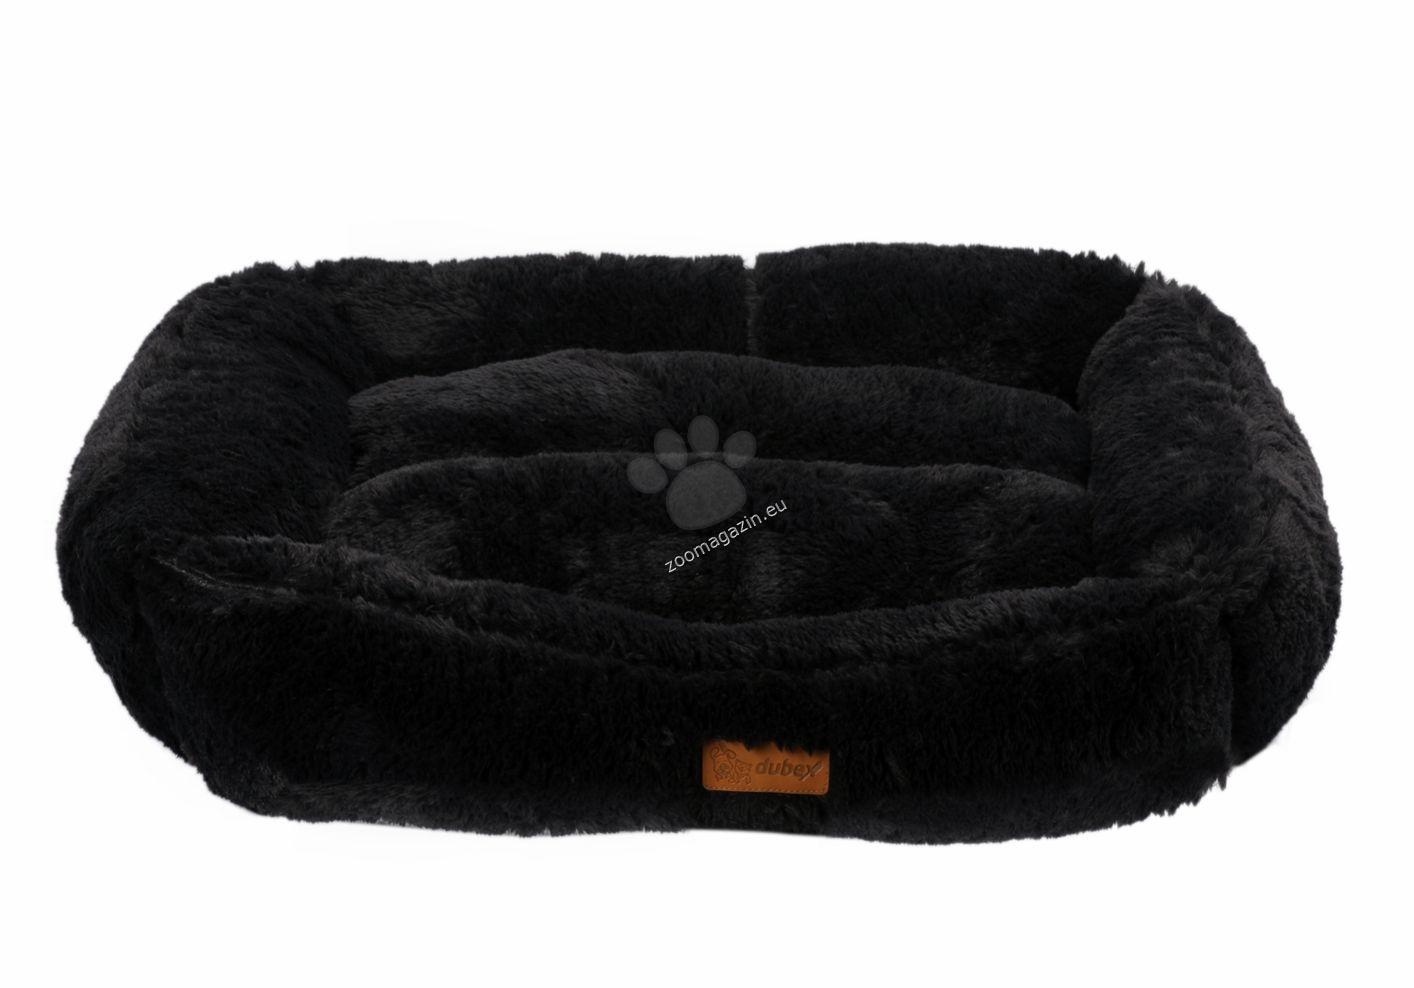 Dubex Brownie bed M - меко легло / кафяво, черно / 62 / 44 / 22 см.